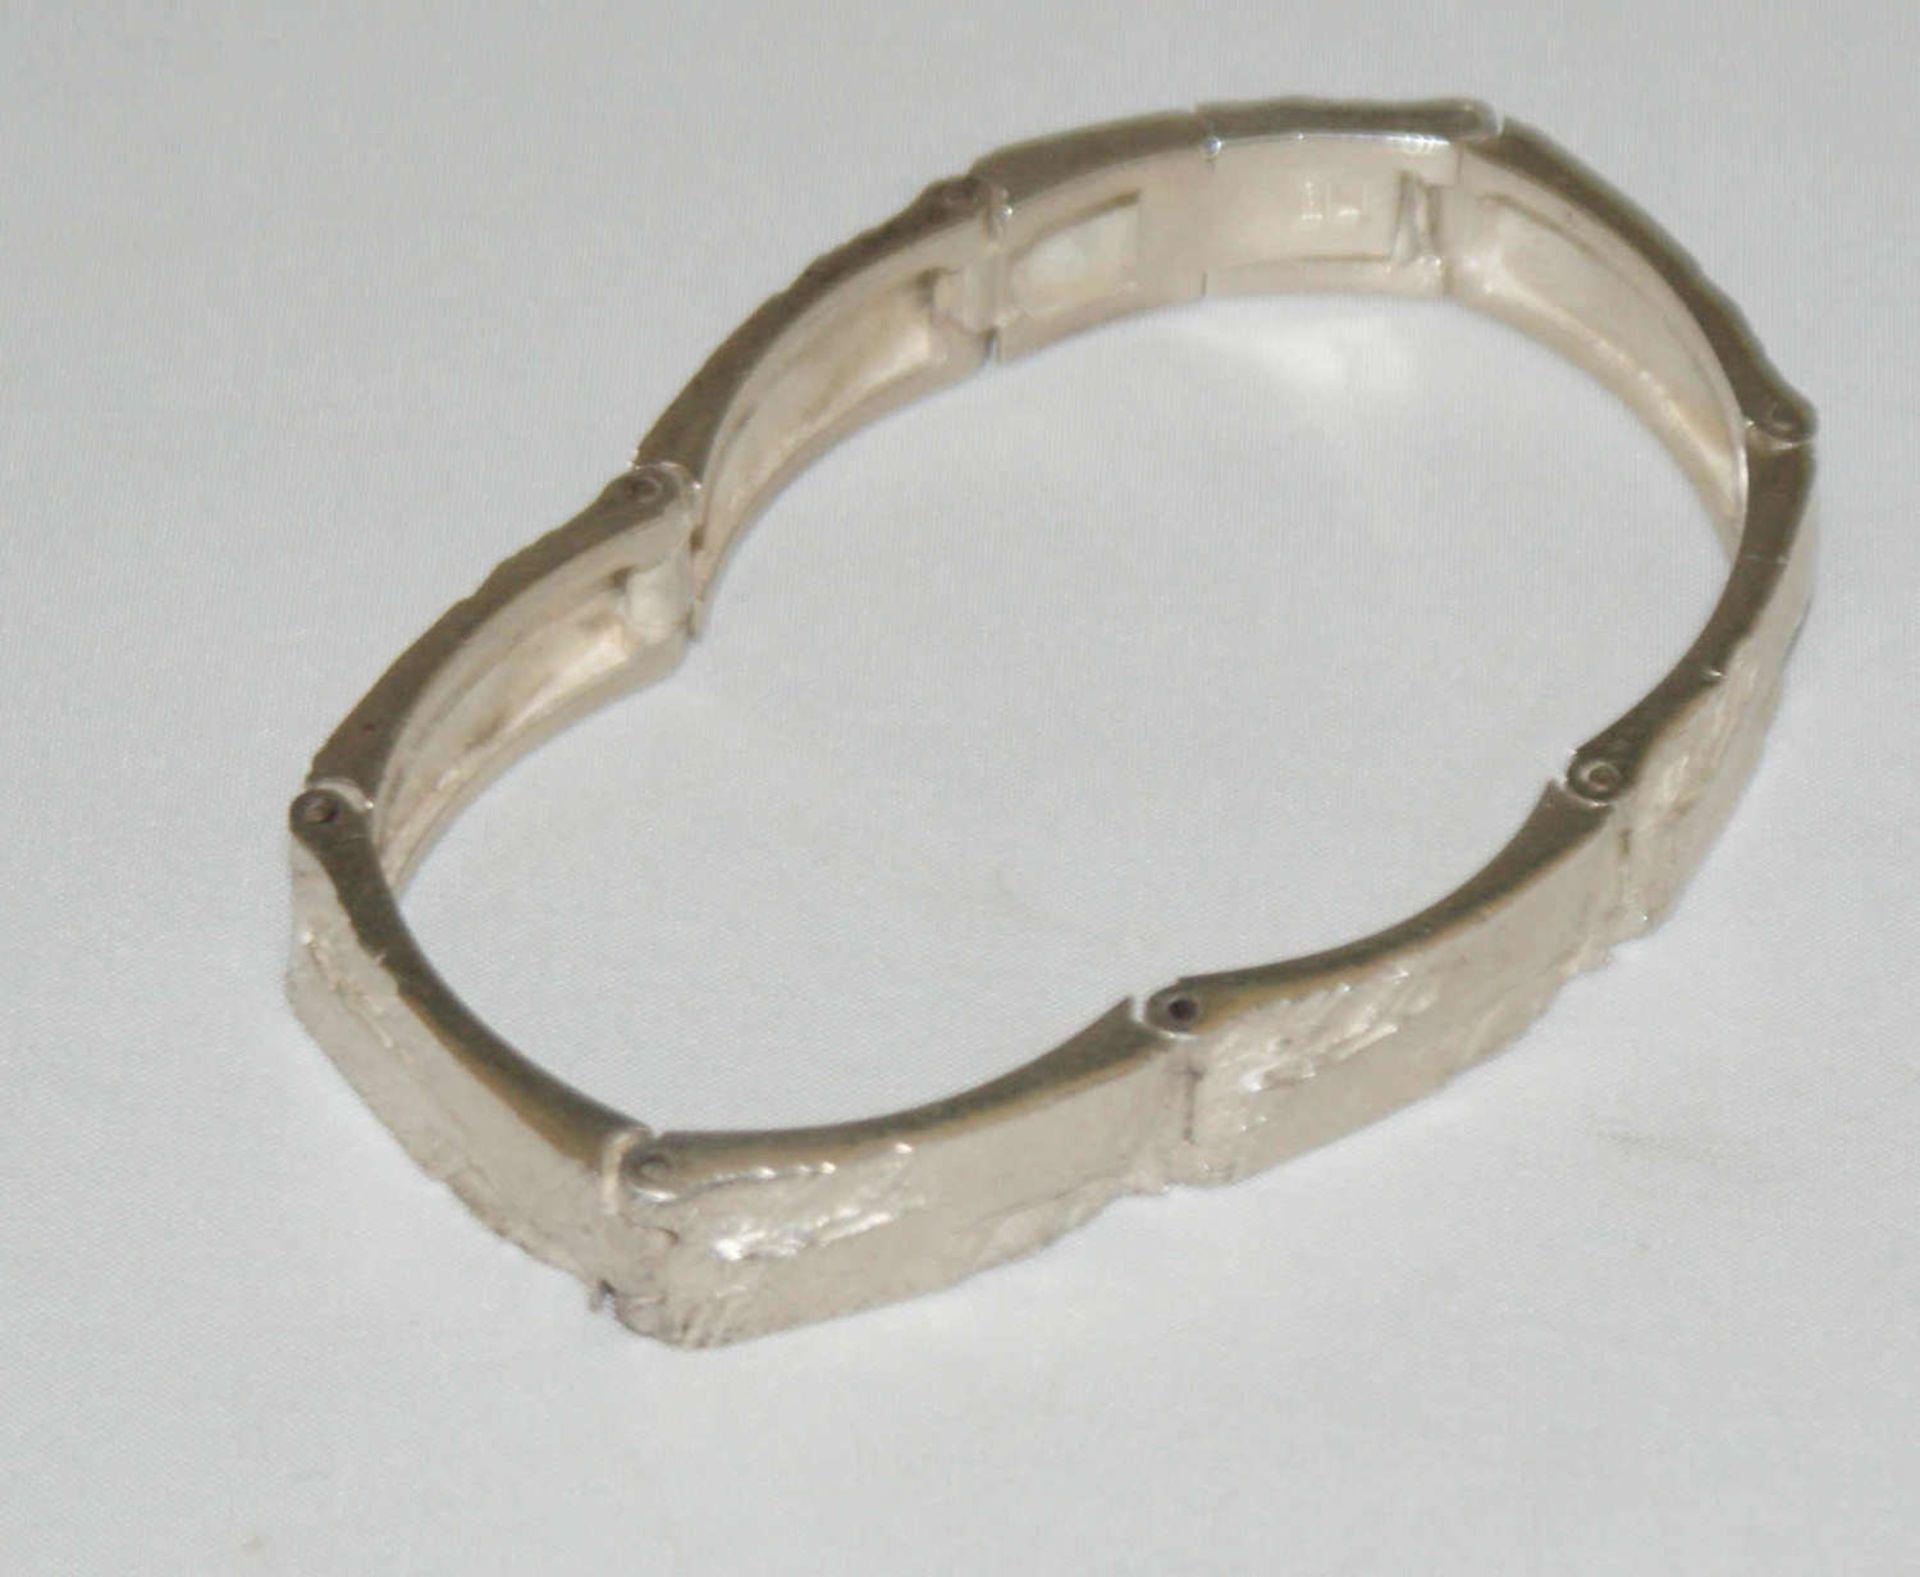 Armband, 925er Silber, in Hammeroptik. Länge ca. 18,5 cm. Gewicht ca. 27 gr. - Bild 2 aus 2